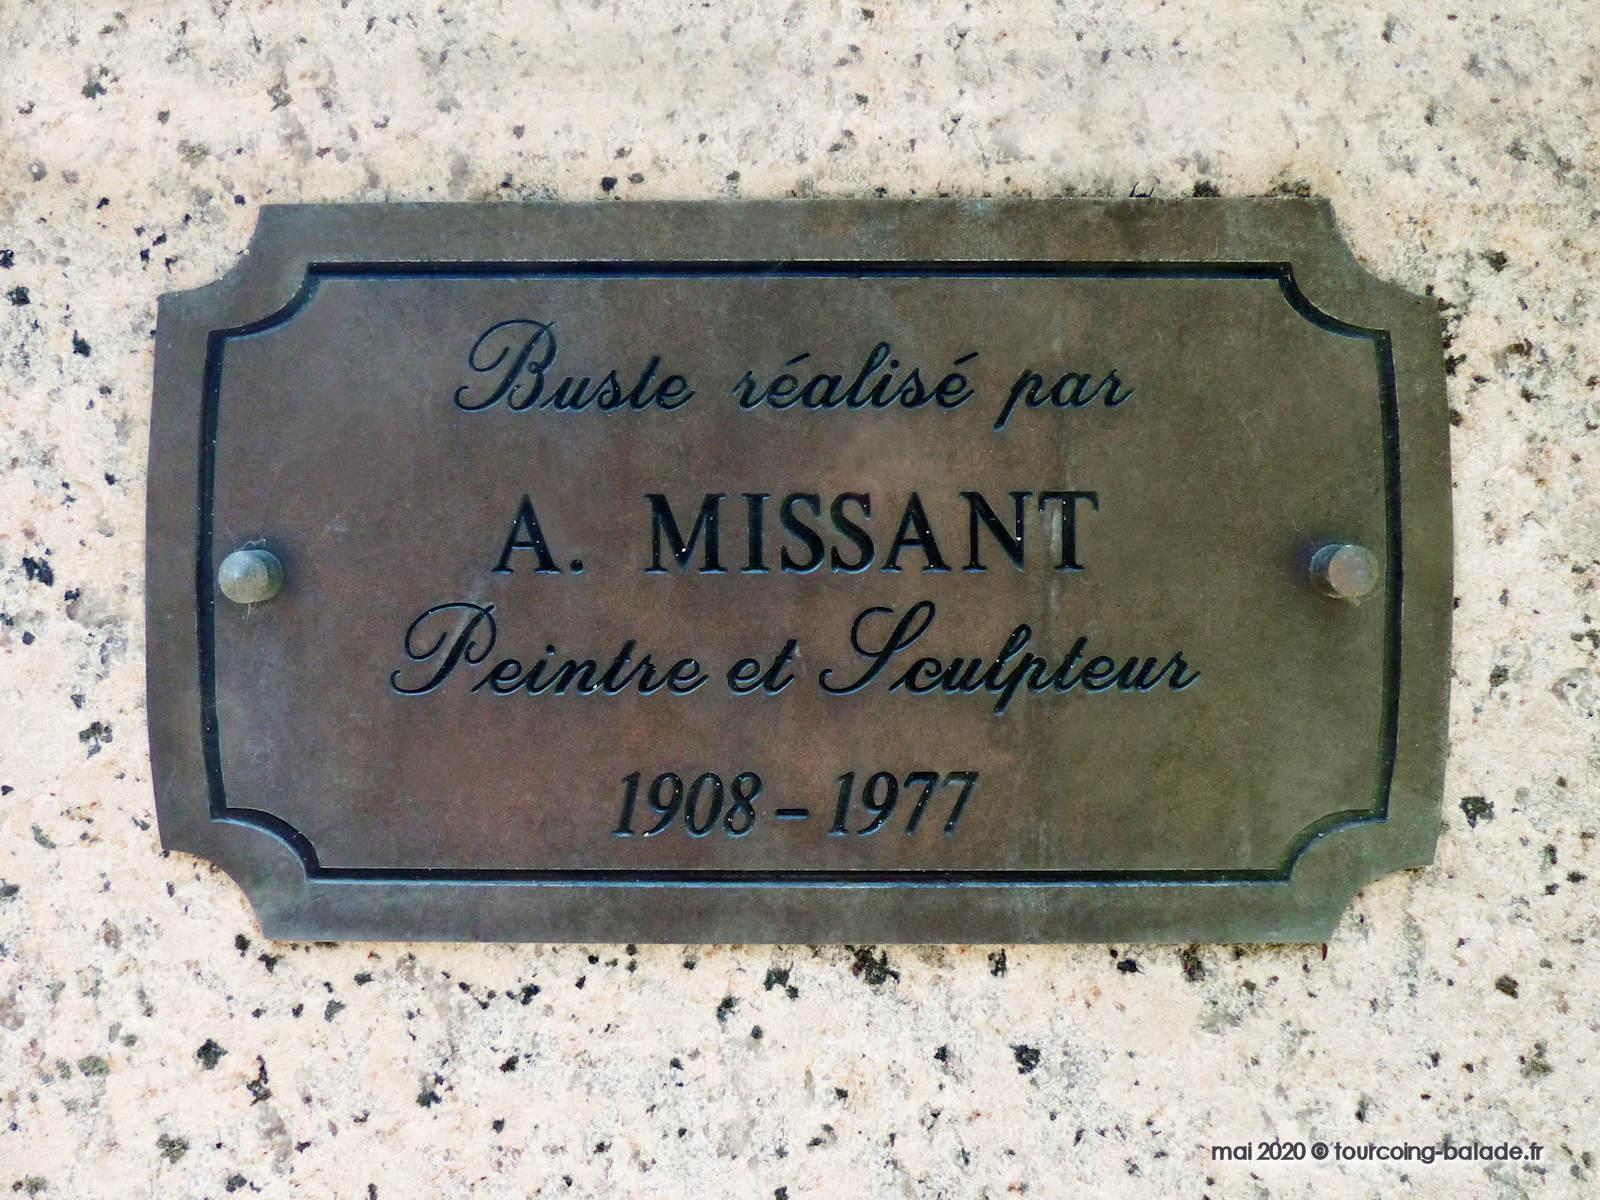 André Missant, Buste de Maxence Van der Meersch, Wasquehal.